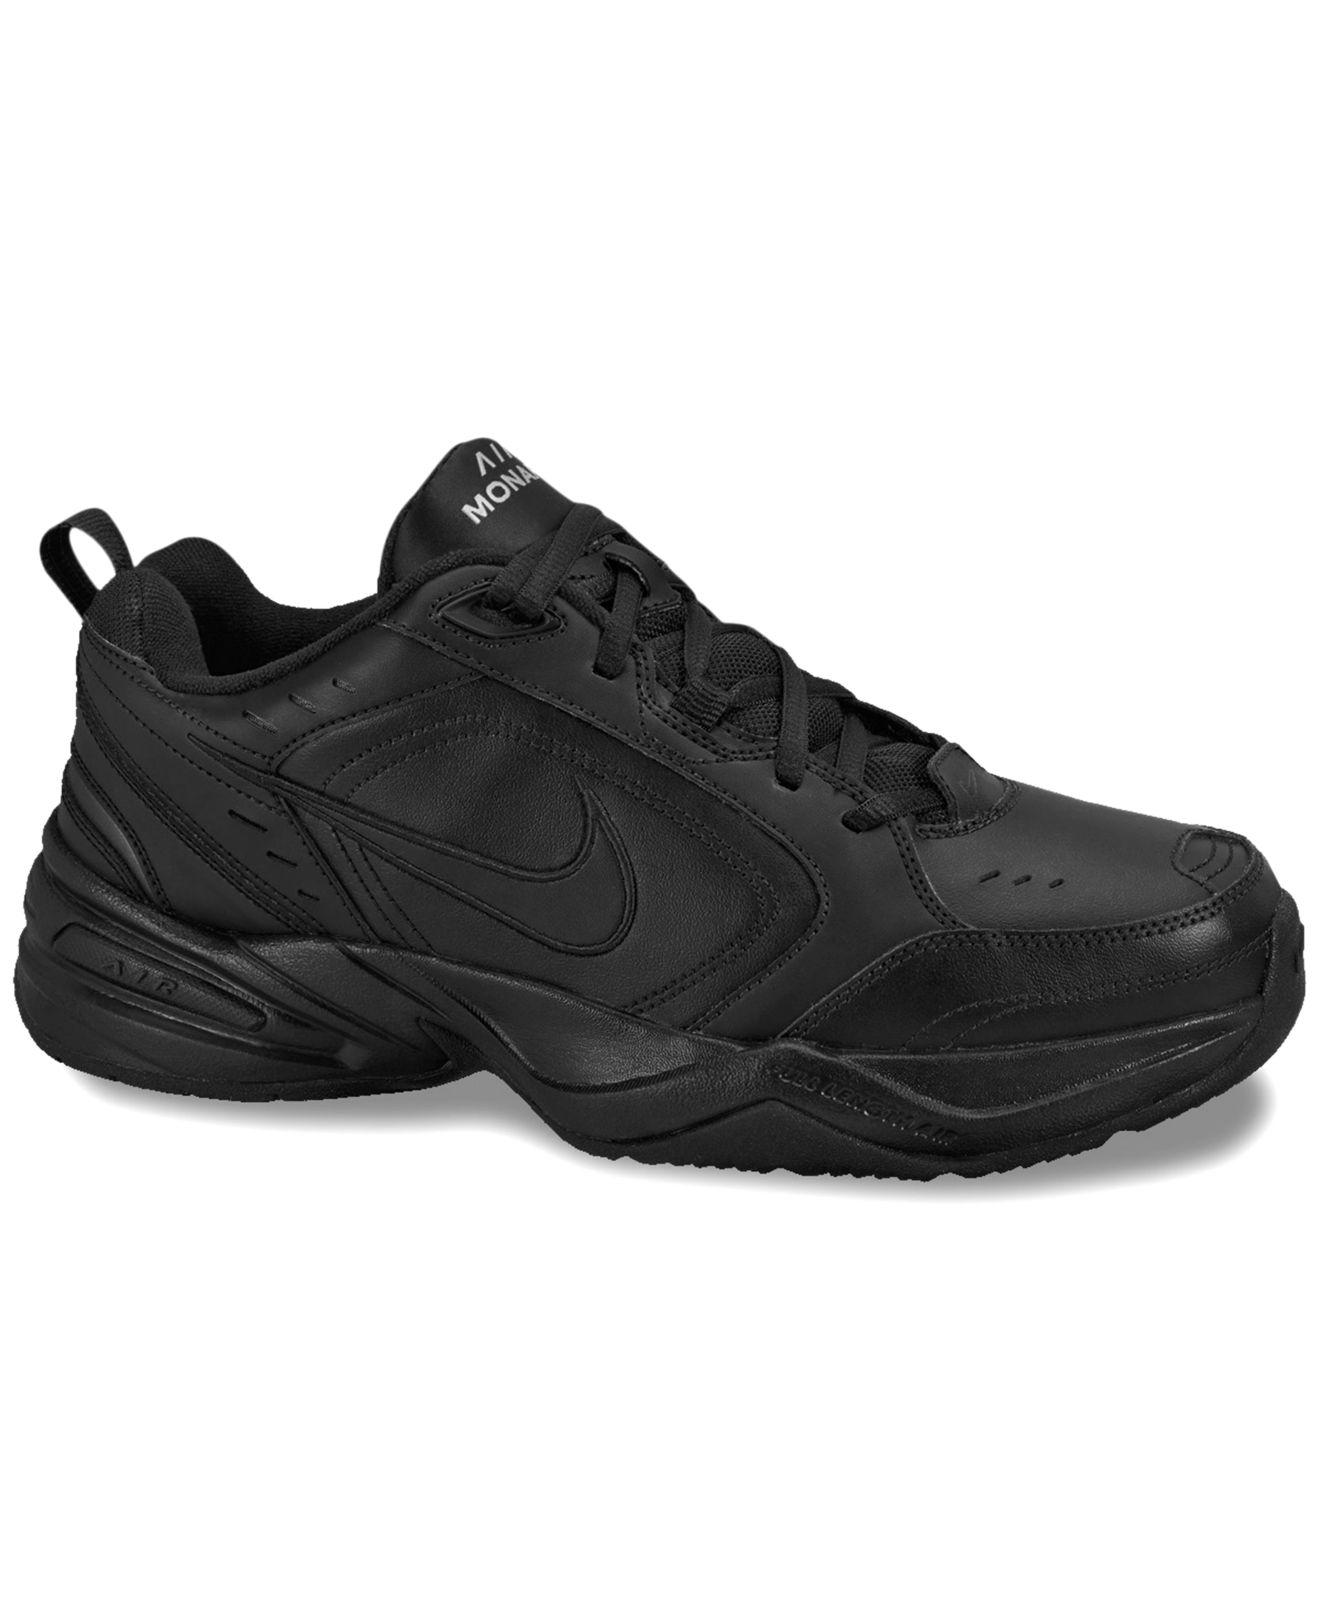 lyst nike air monarca iv scarpe dal traguardo in nero per gli uomini.